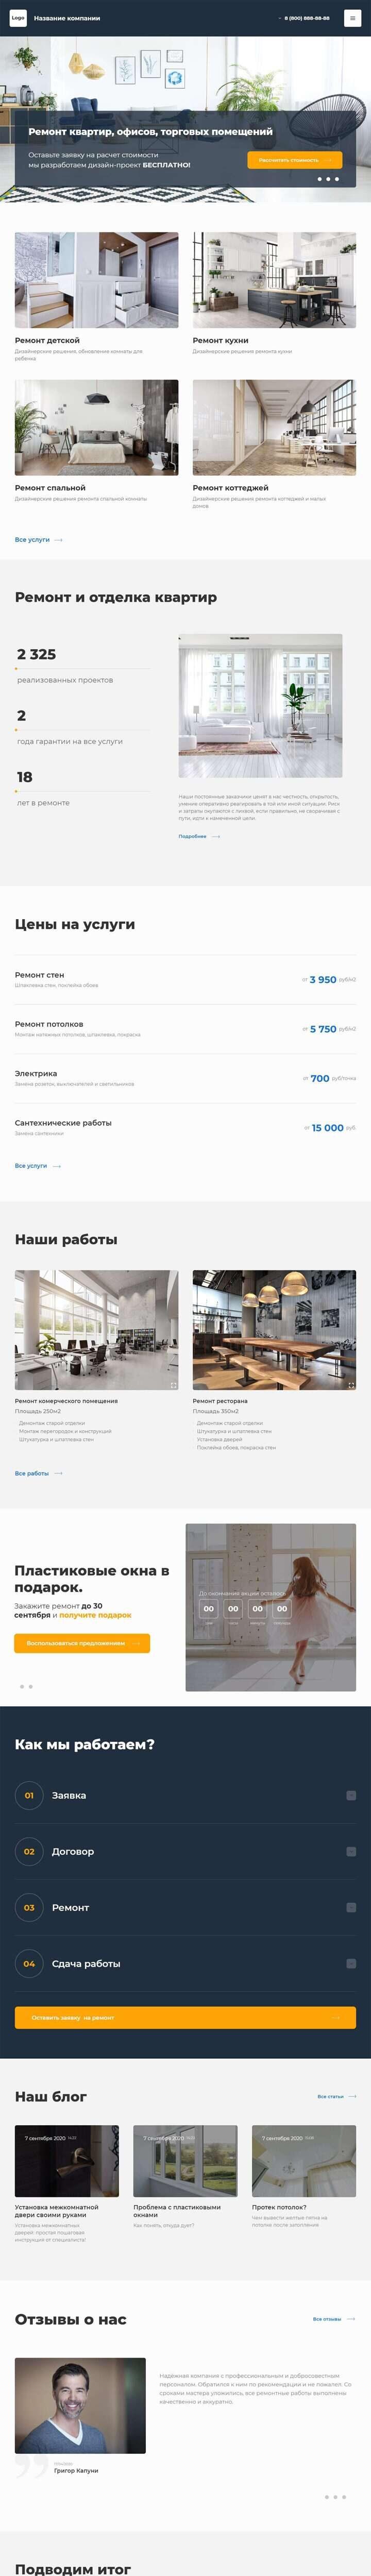 Готовый Сайт-Бизнес #2794446 - Ремонт и отделка квартир и помещений (Главная версия 2)